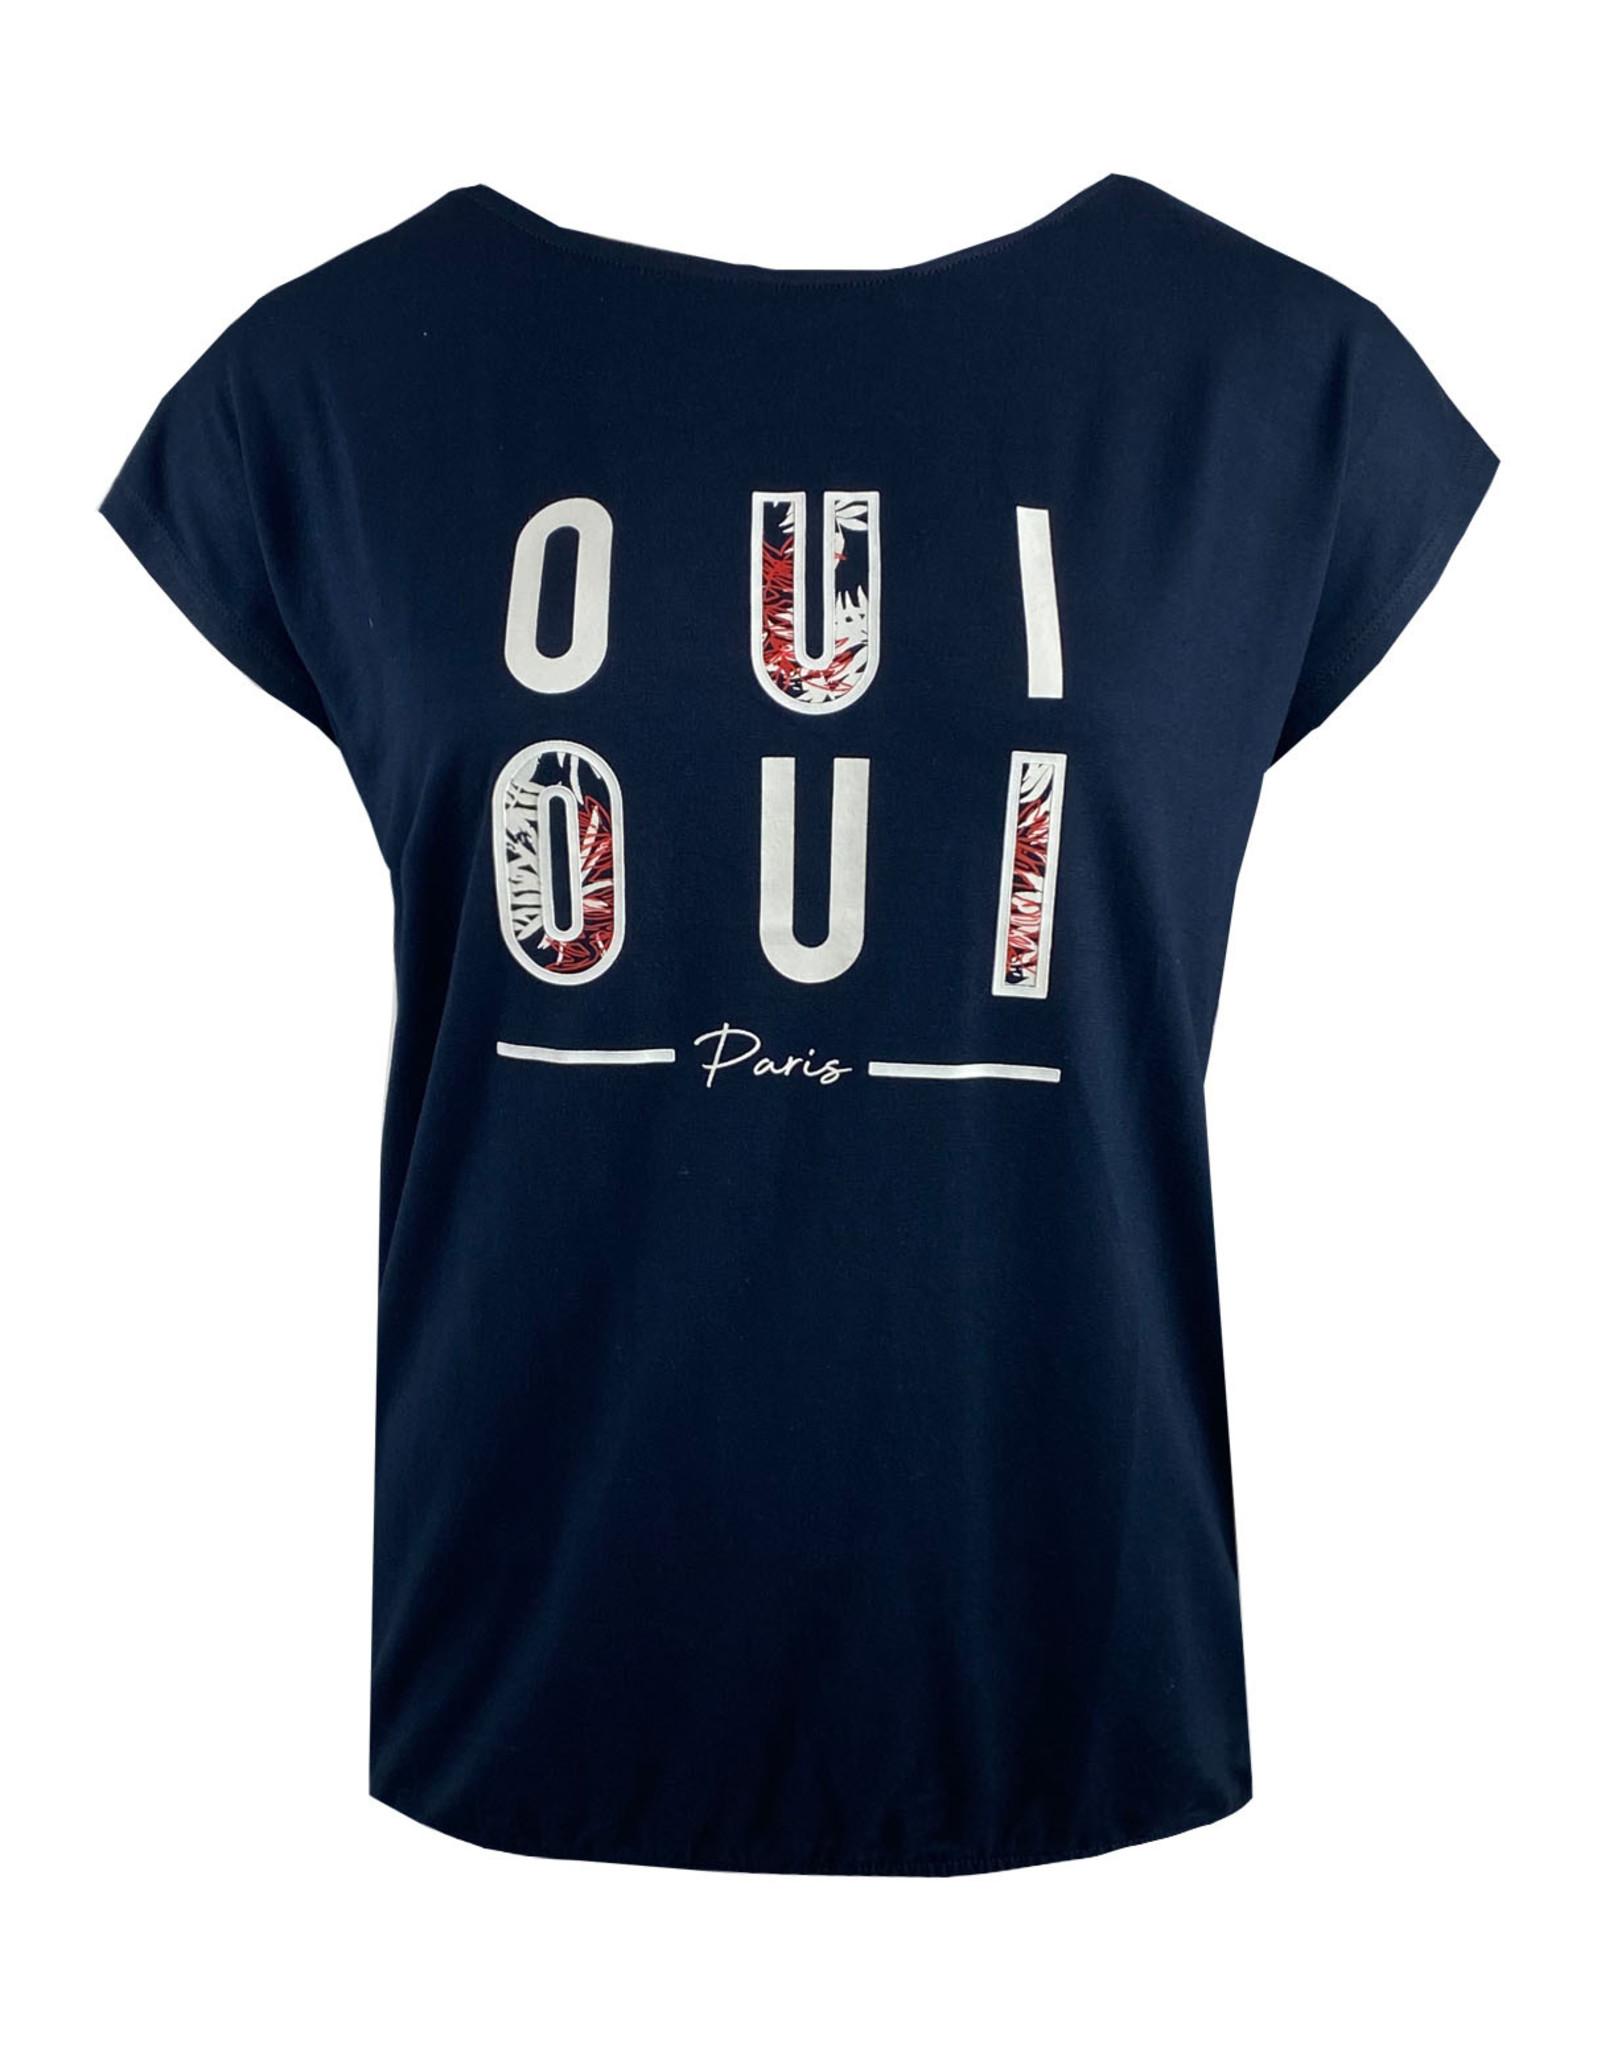 Elvira Elvira T-shirt oui